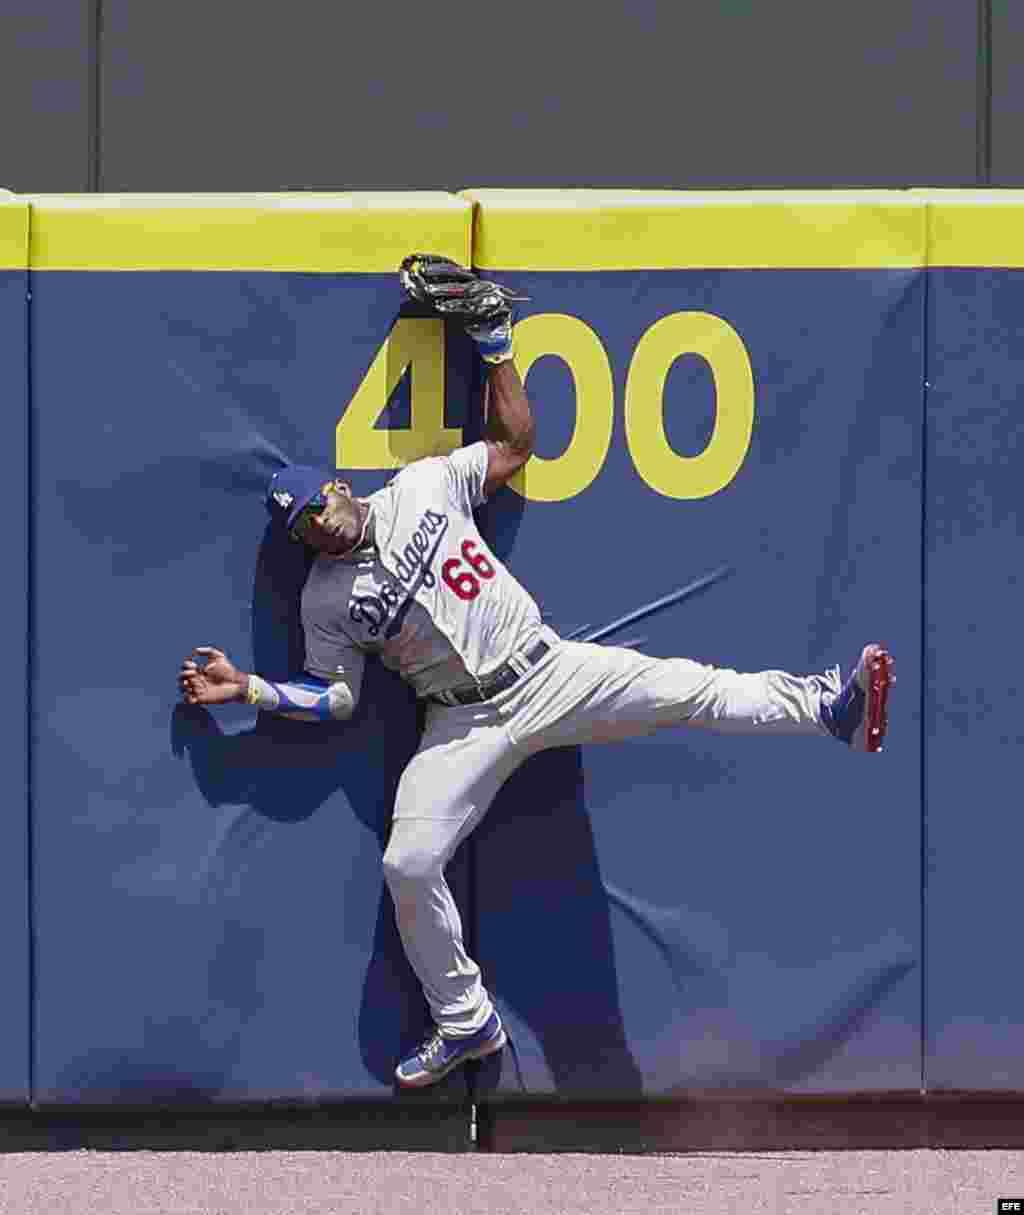 Yasiel Puig, captura una pelota en el aire, lanzada contra el muro por el primer base de los Bravos de Atlanta, Freddie Freeman.